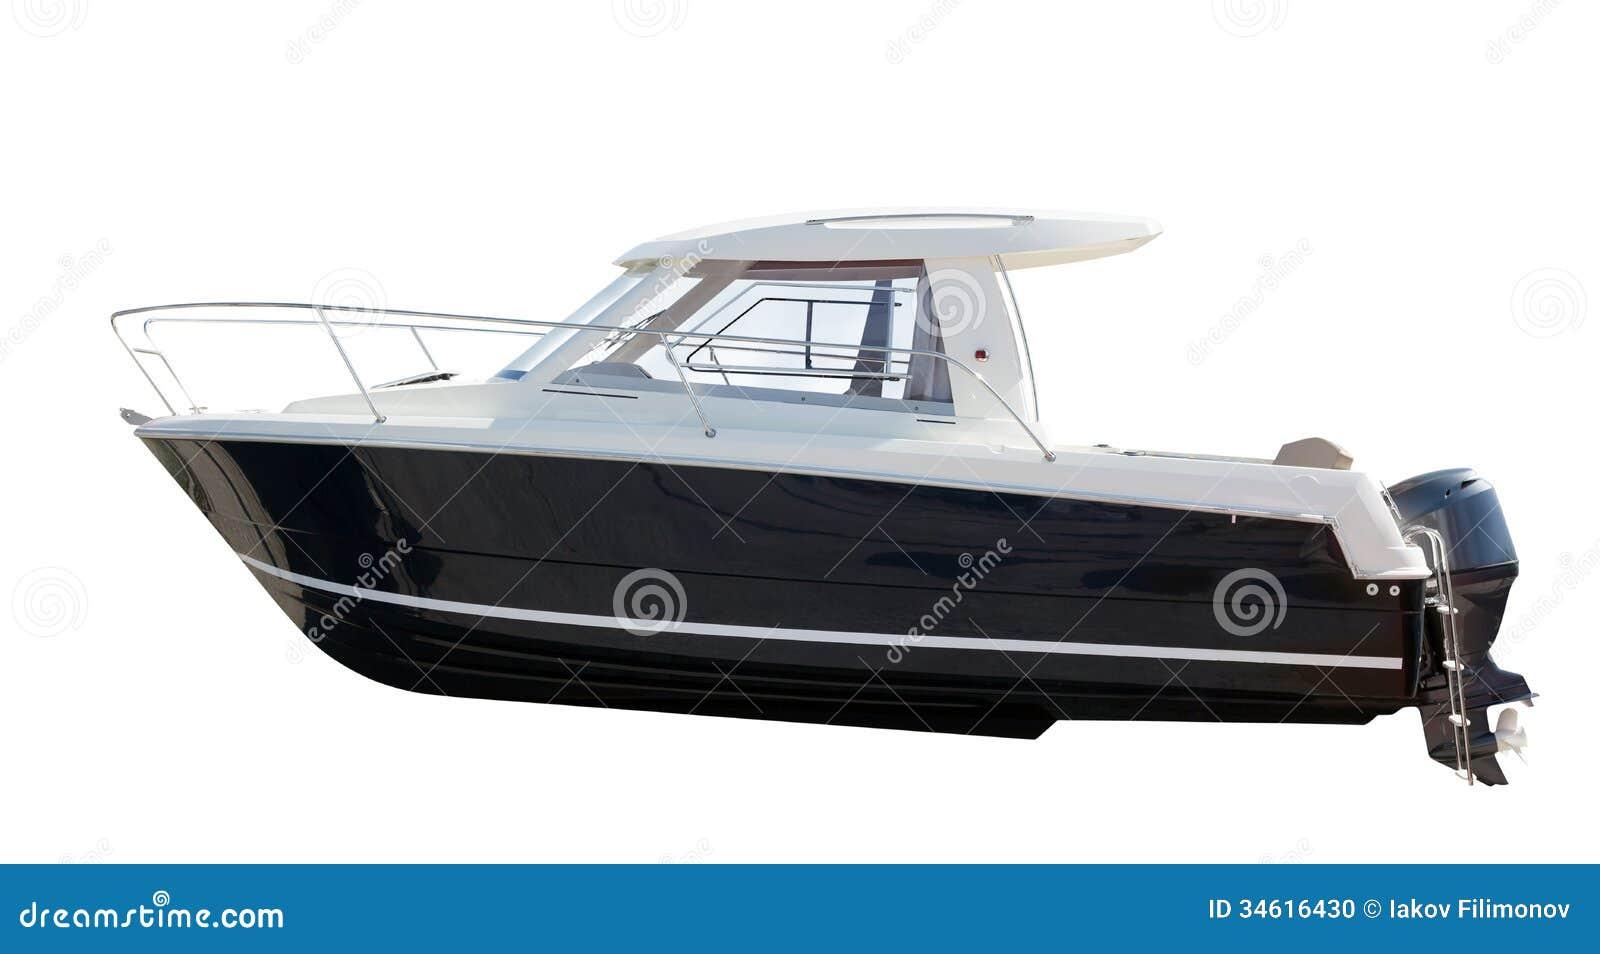 Πλάγια όψη της βάρκας μηχανών. Απομονωμένος πέρα από το λευκό